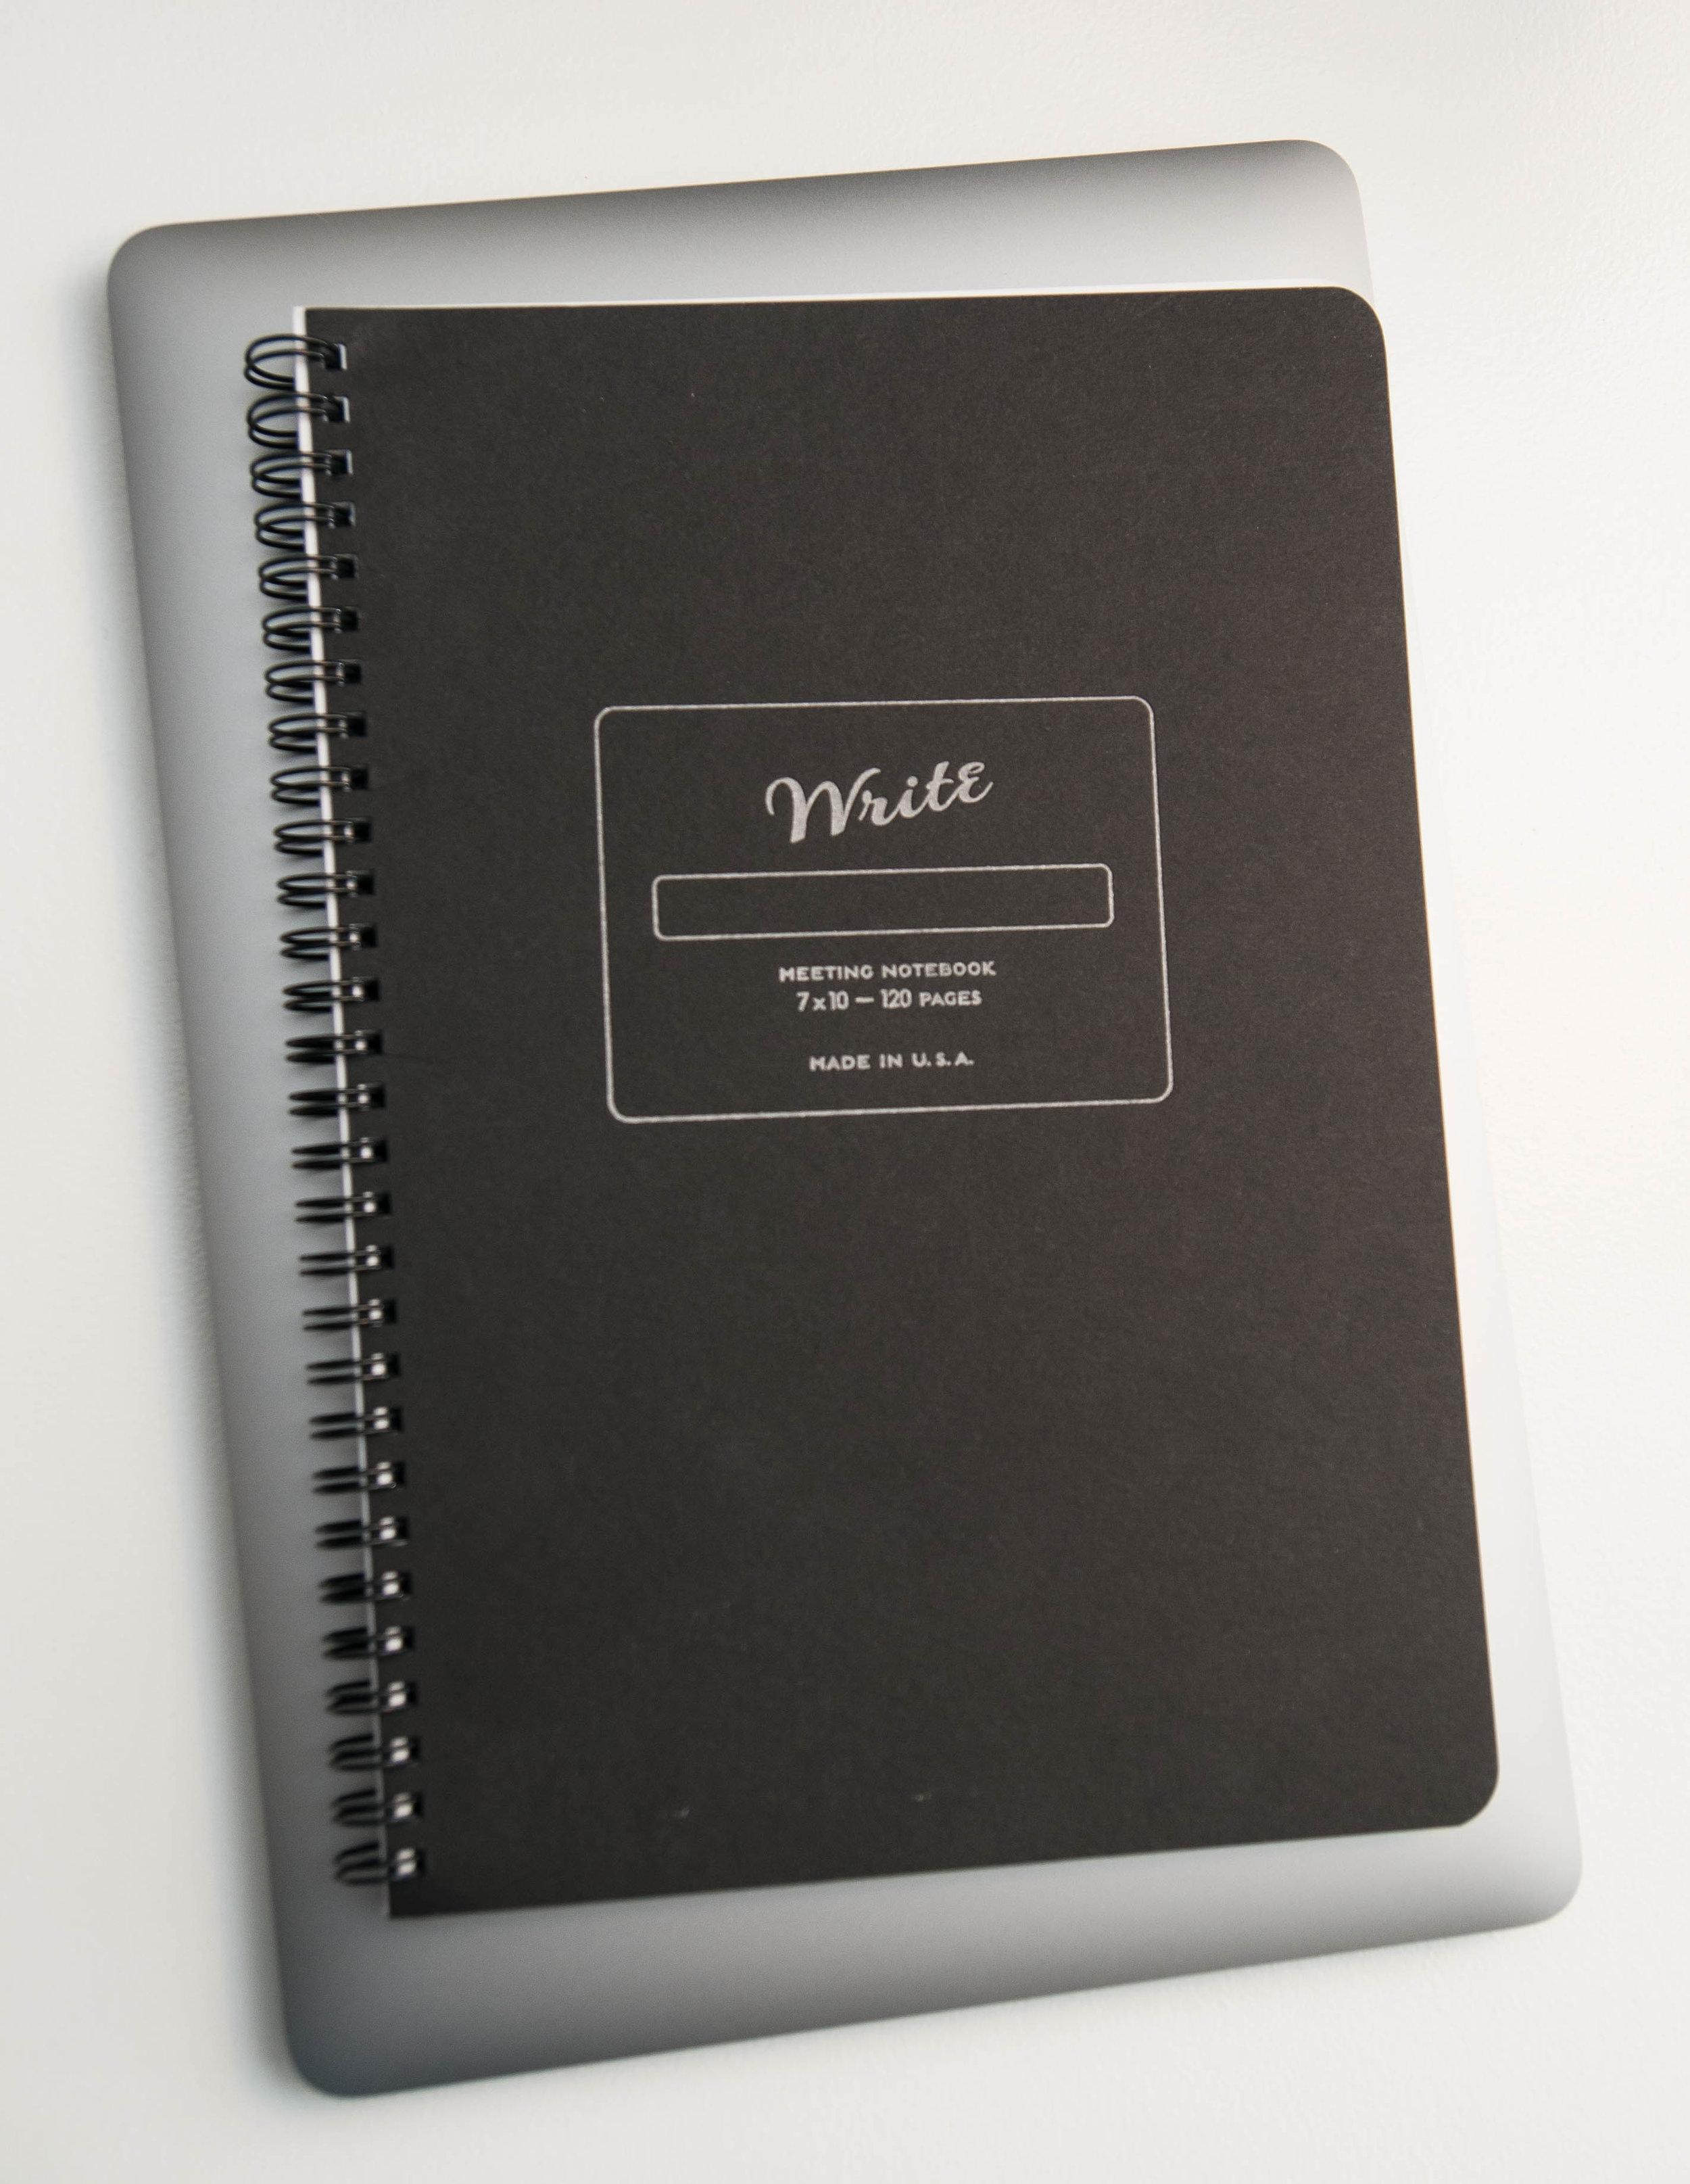 Write Notepads Meeting Notebook